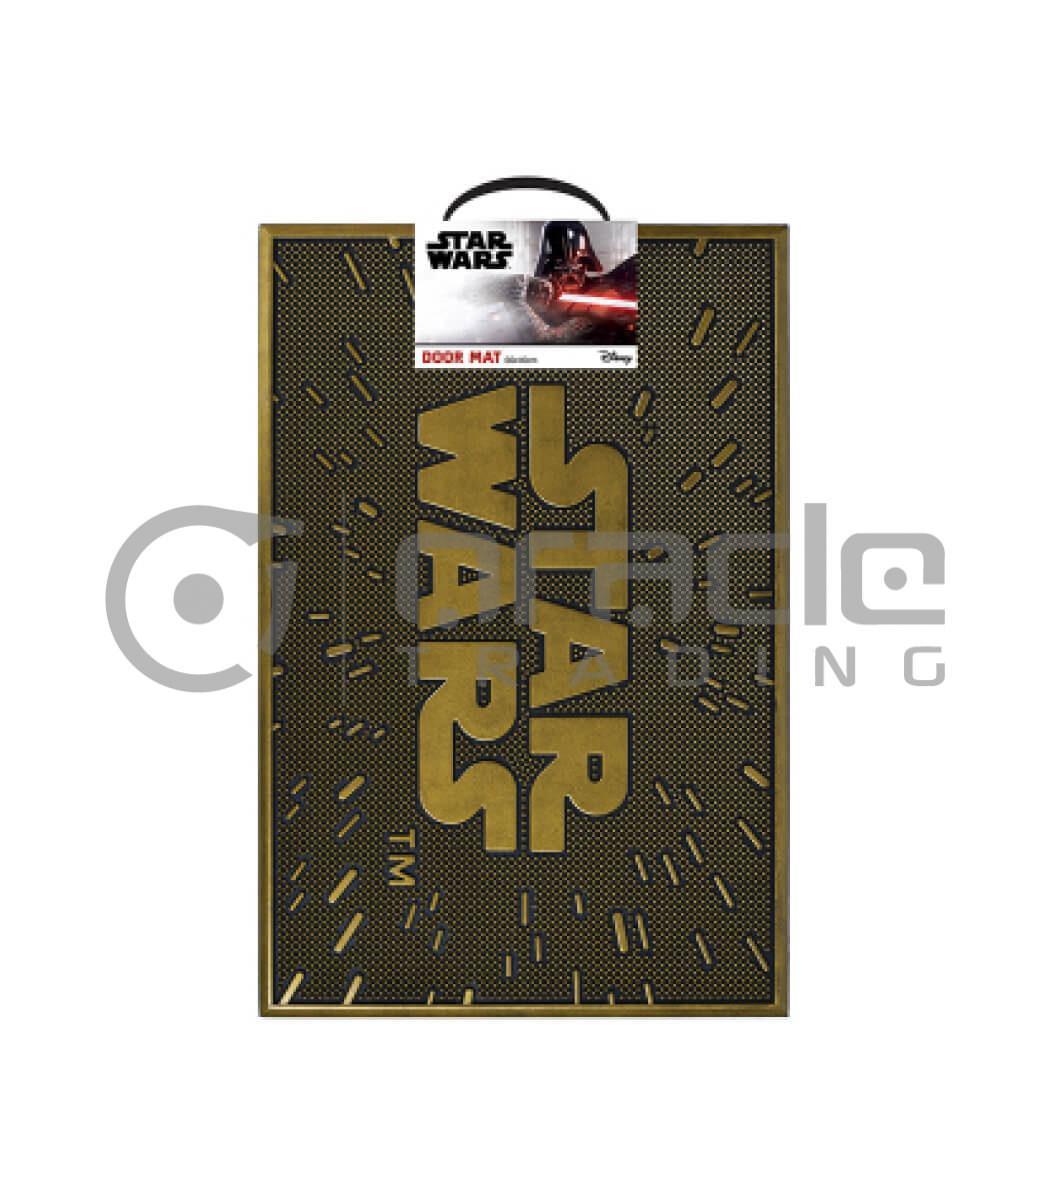 Star Wars Rubber Doormat